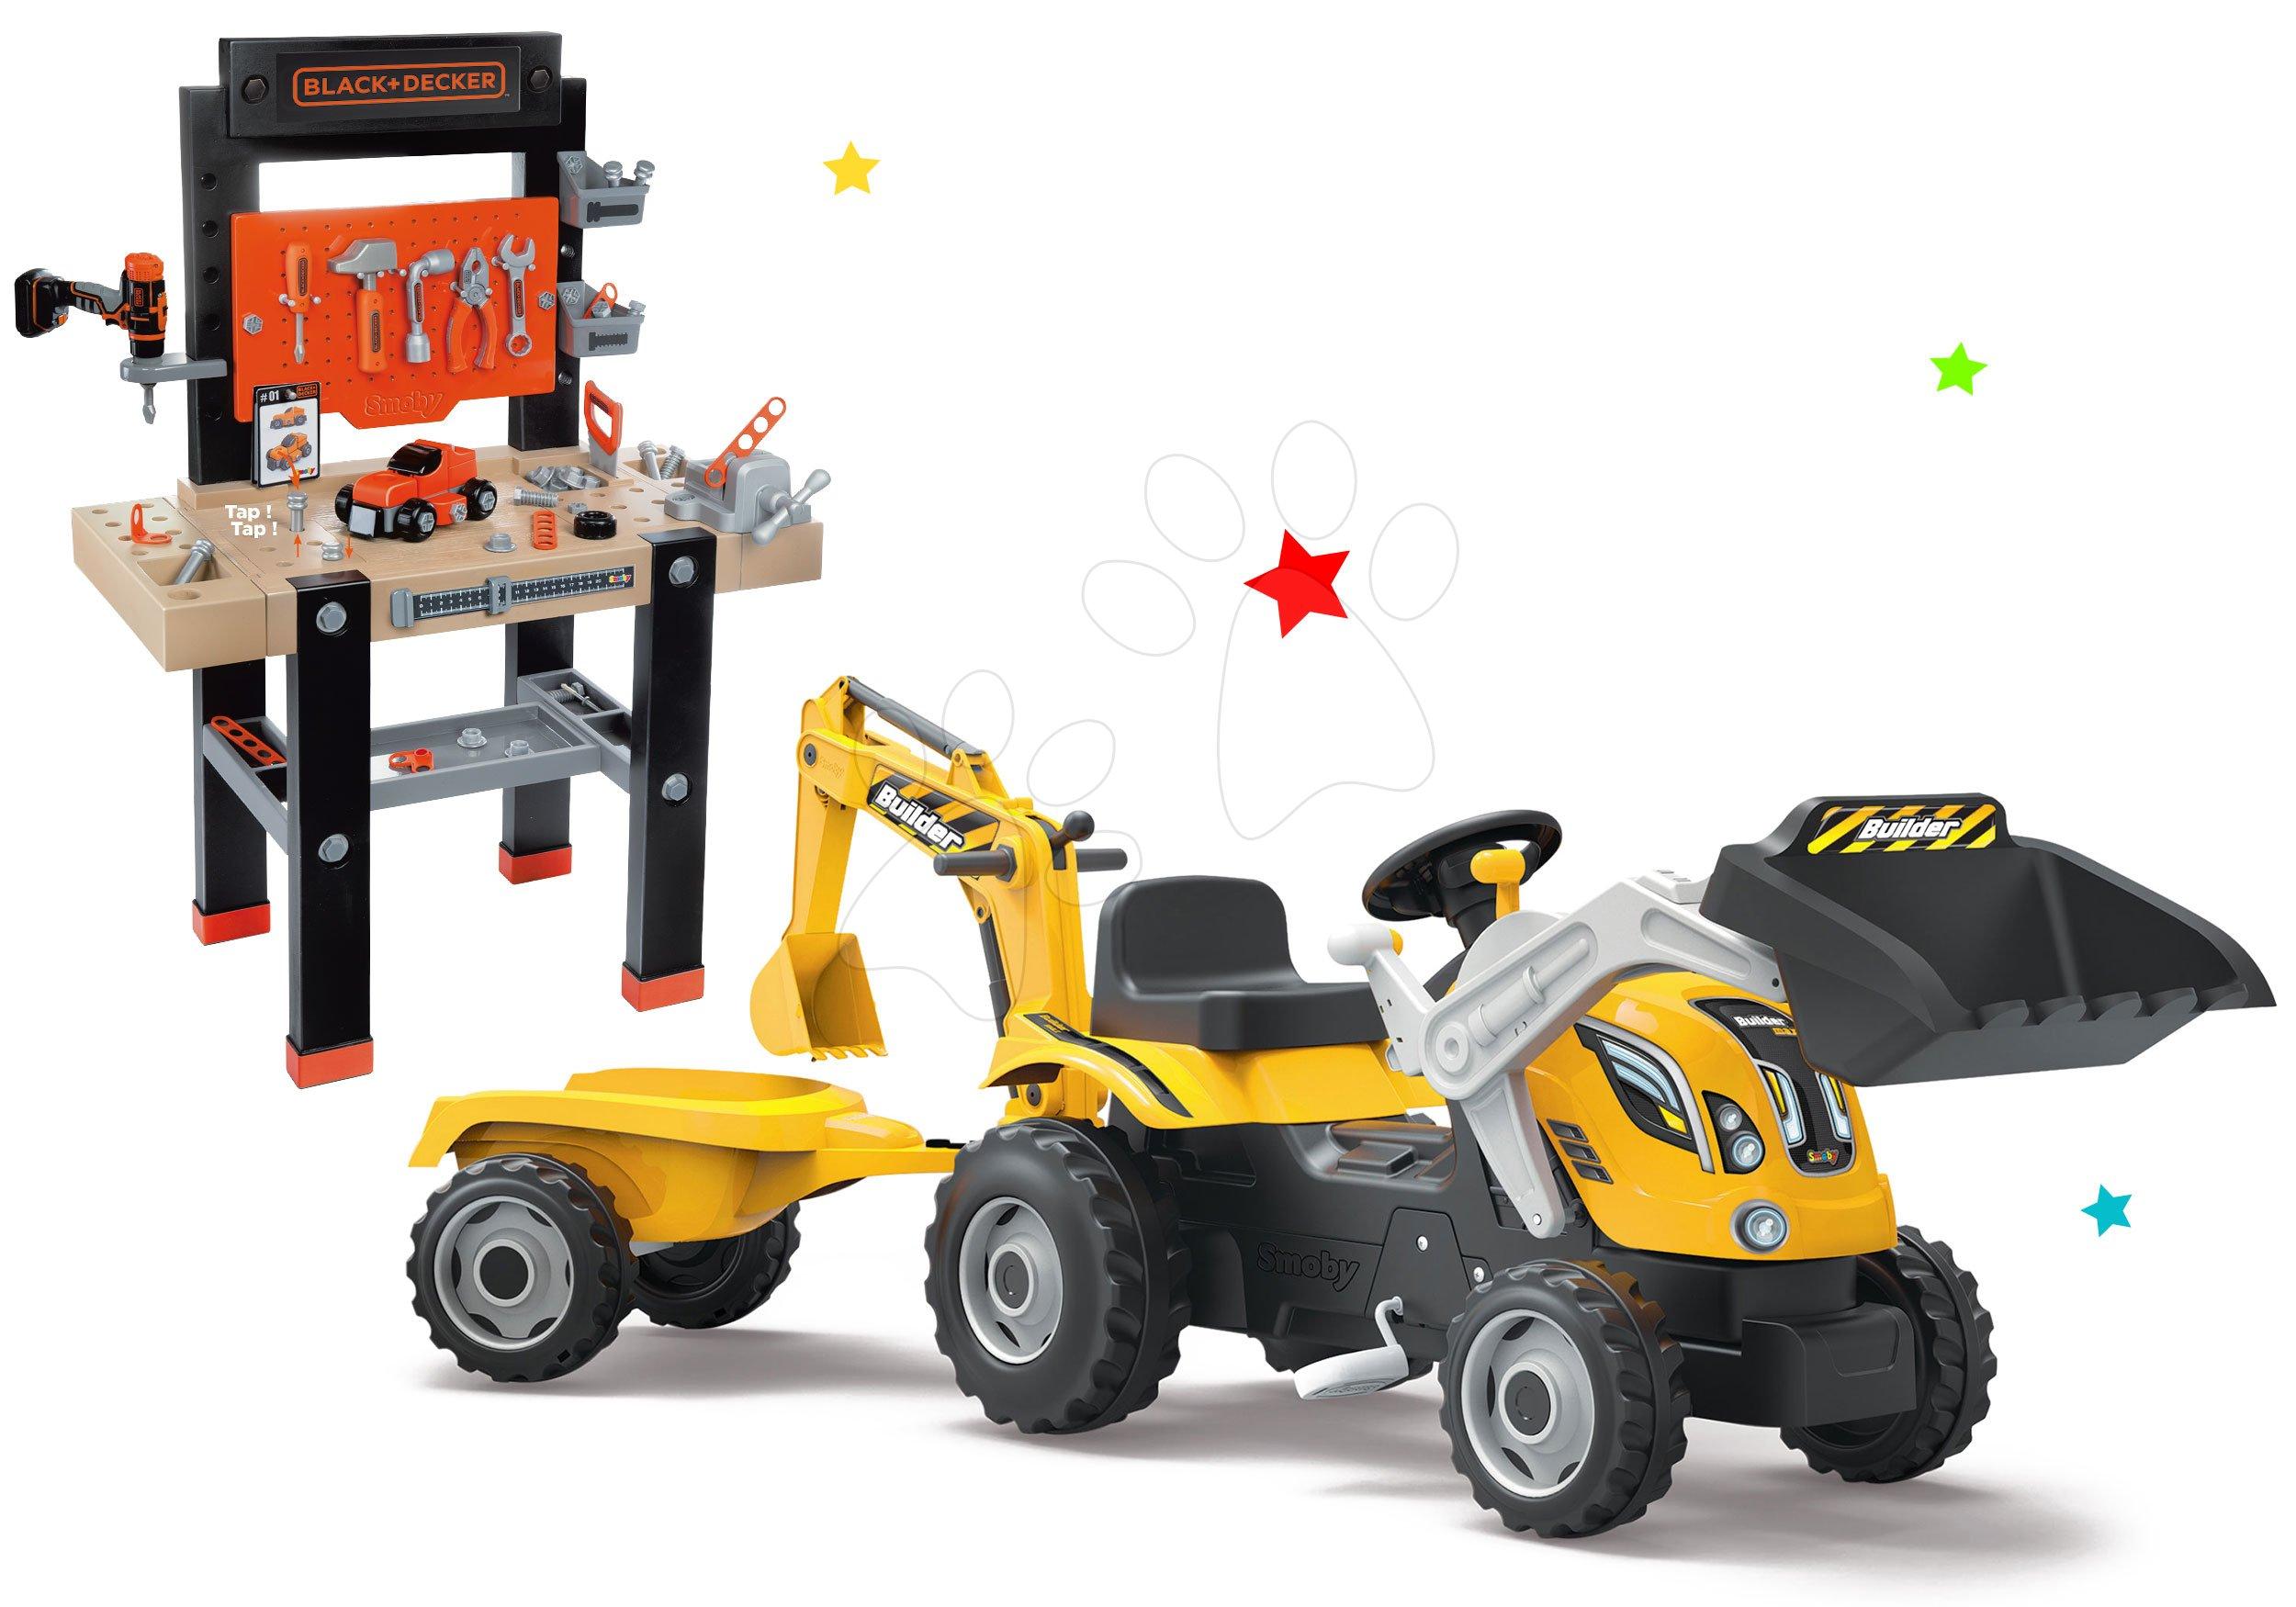 Detská dielňa sety - Set pracovná dielňa Black+Decker Smoby s vŕtačkou a traktor Power Builder Max s prívesom a bagrom